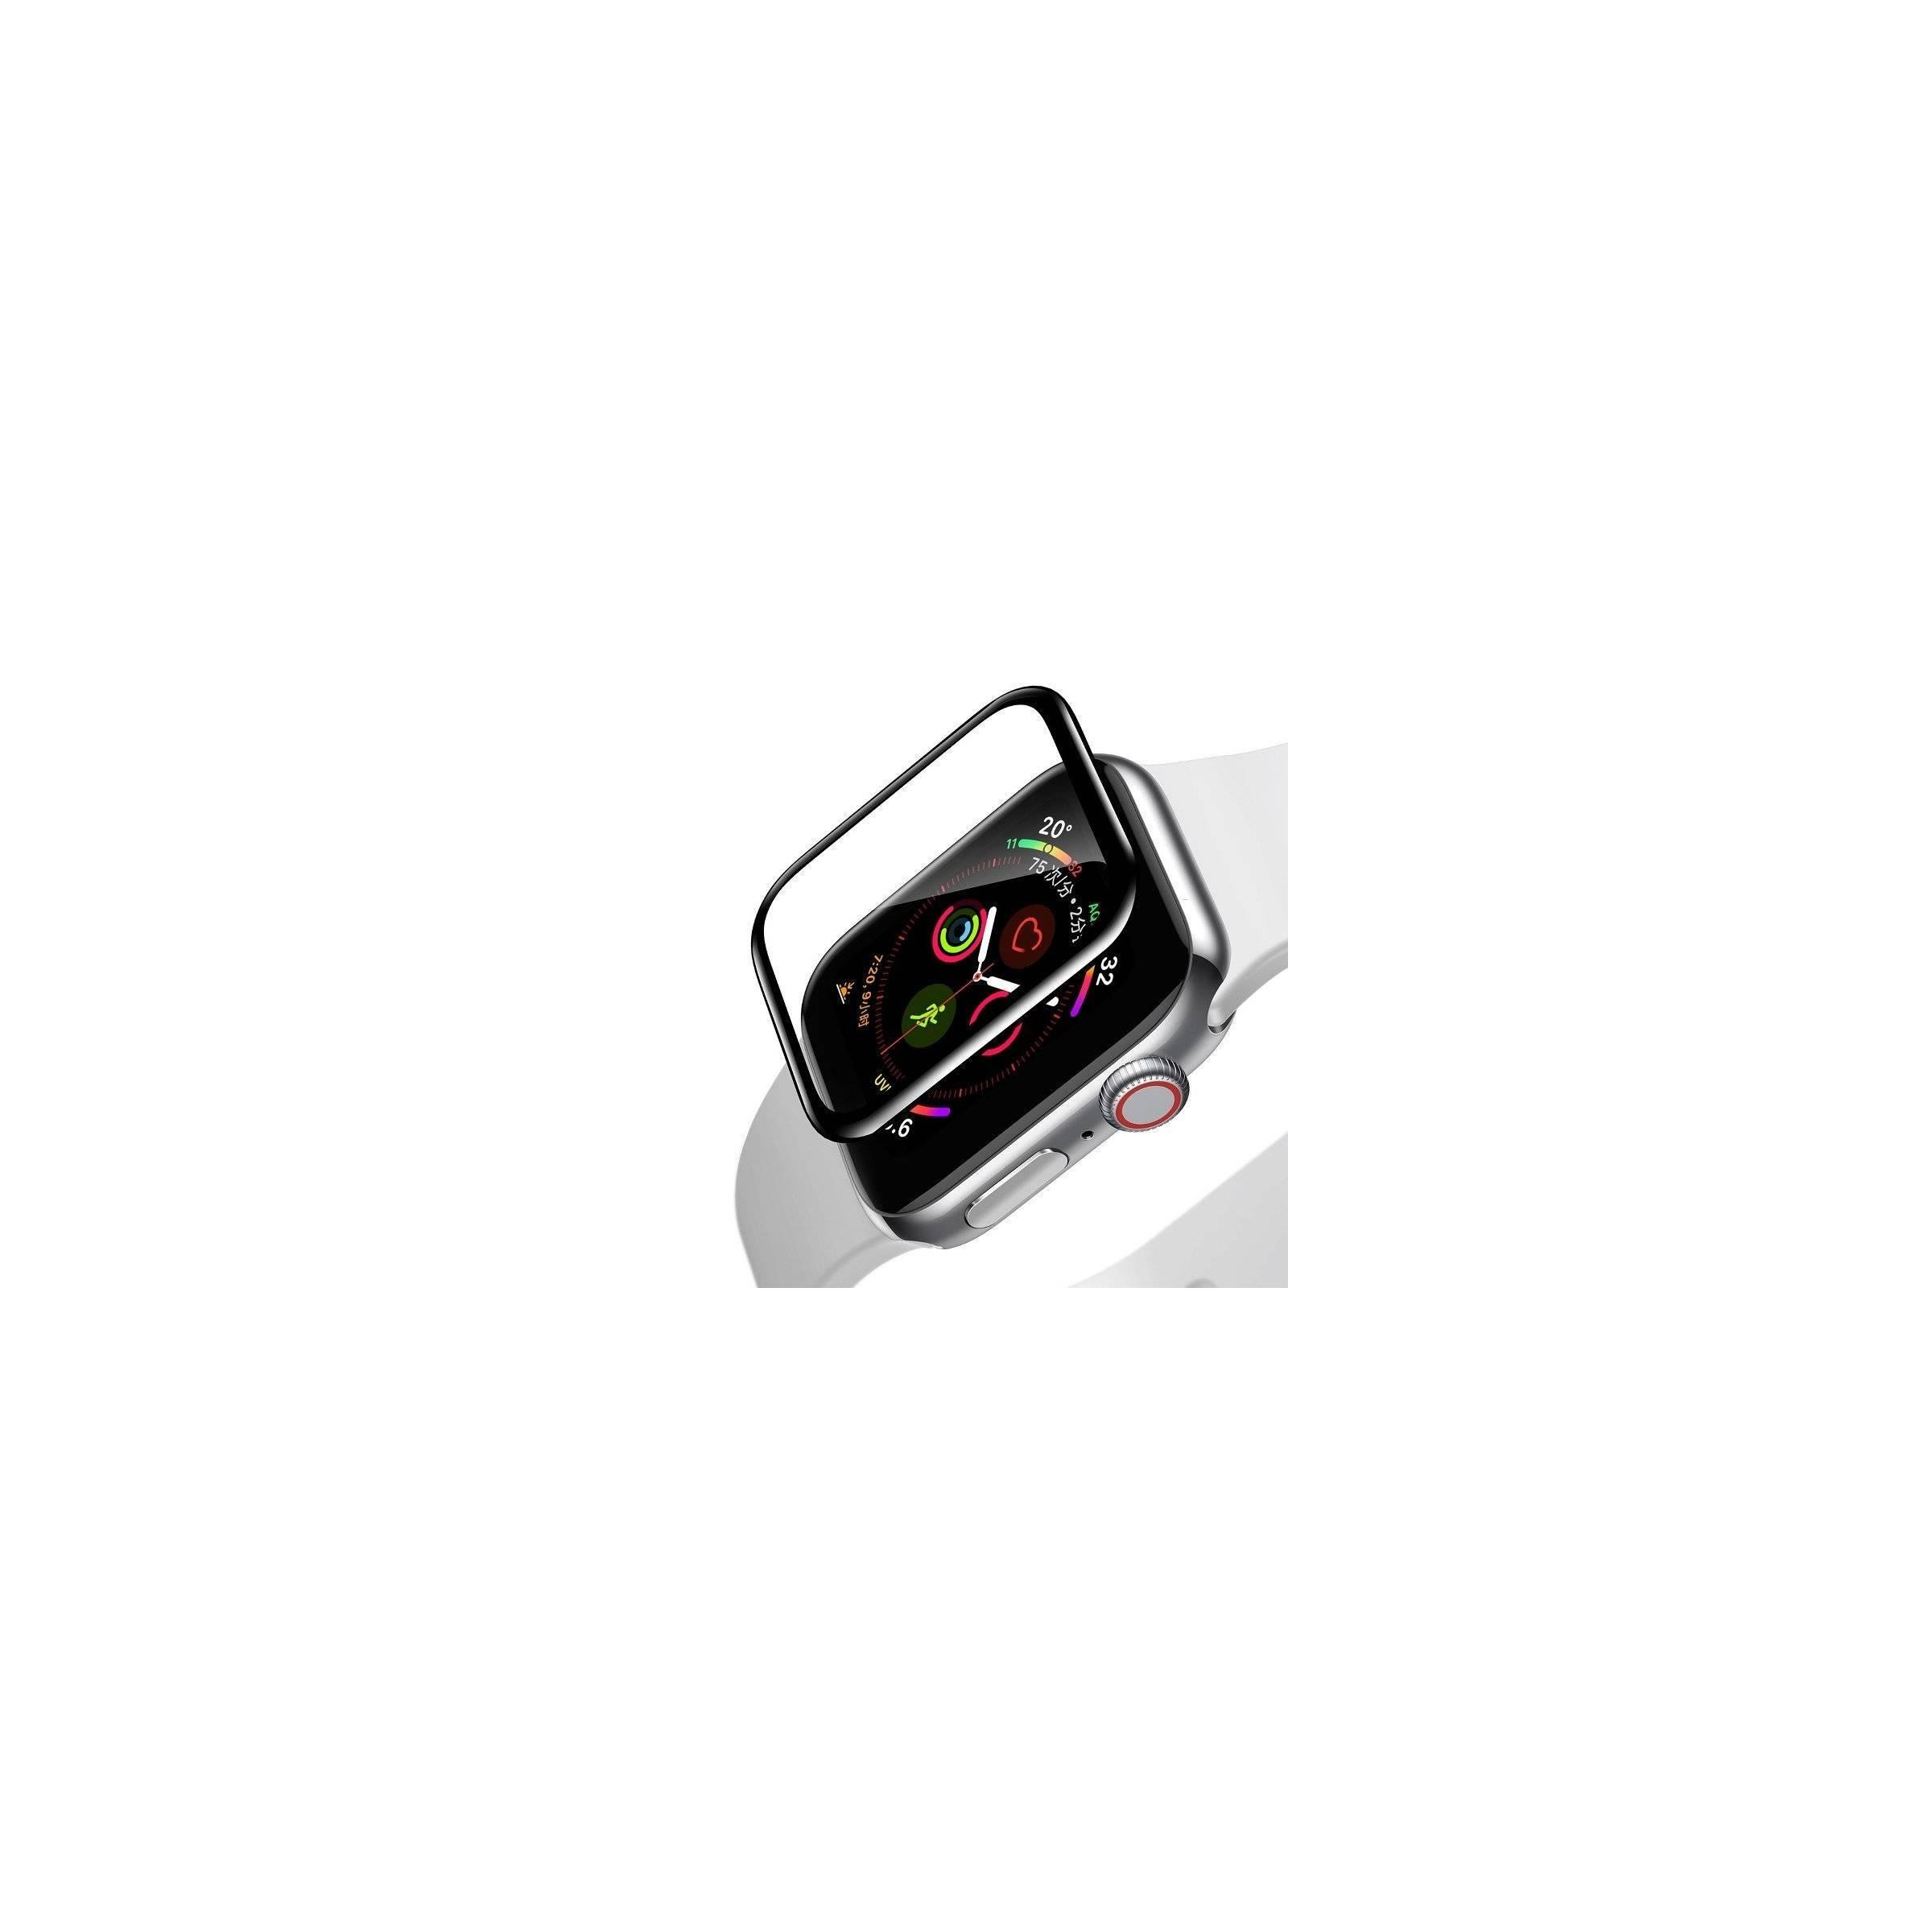 baseus Beskyttelsesglas til apple watch 44mm watch 4/5 fra baseus fra mackabler.dk